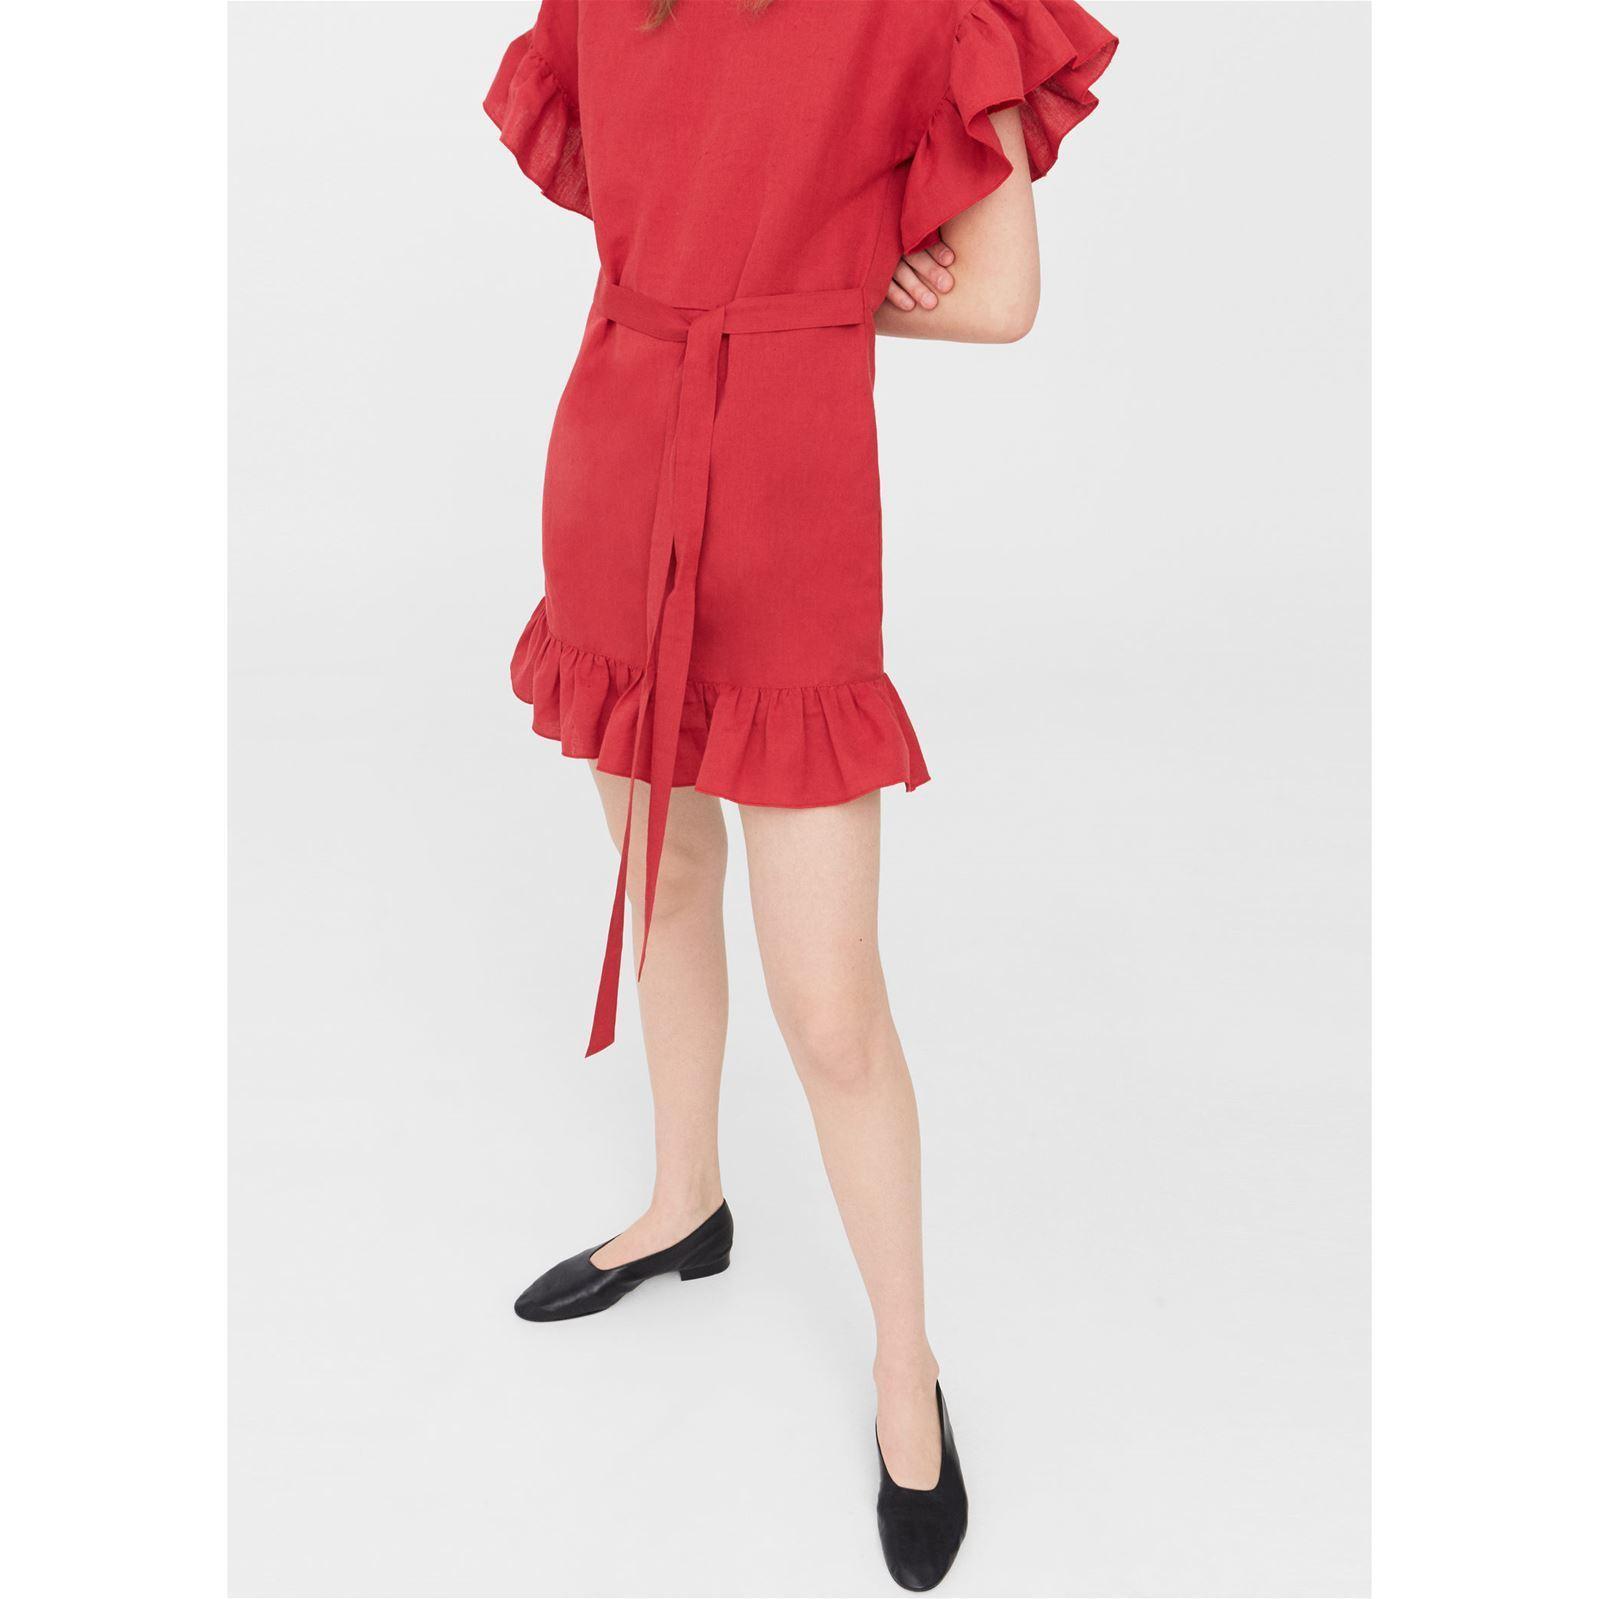 Mango robe rouge